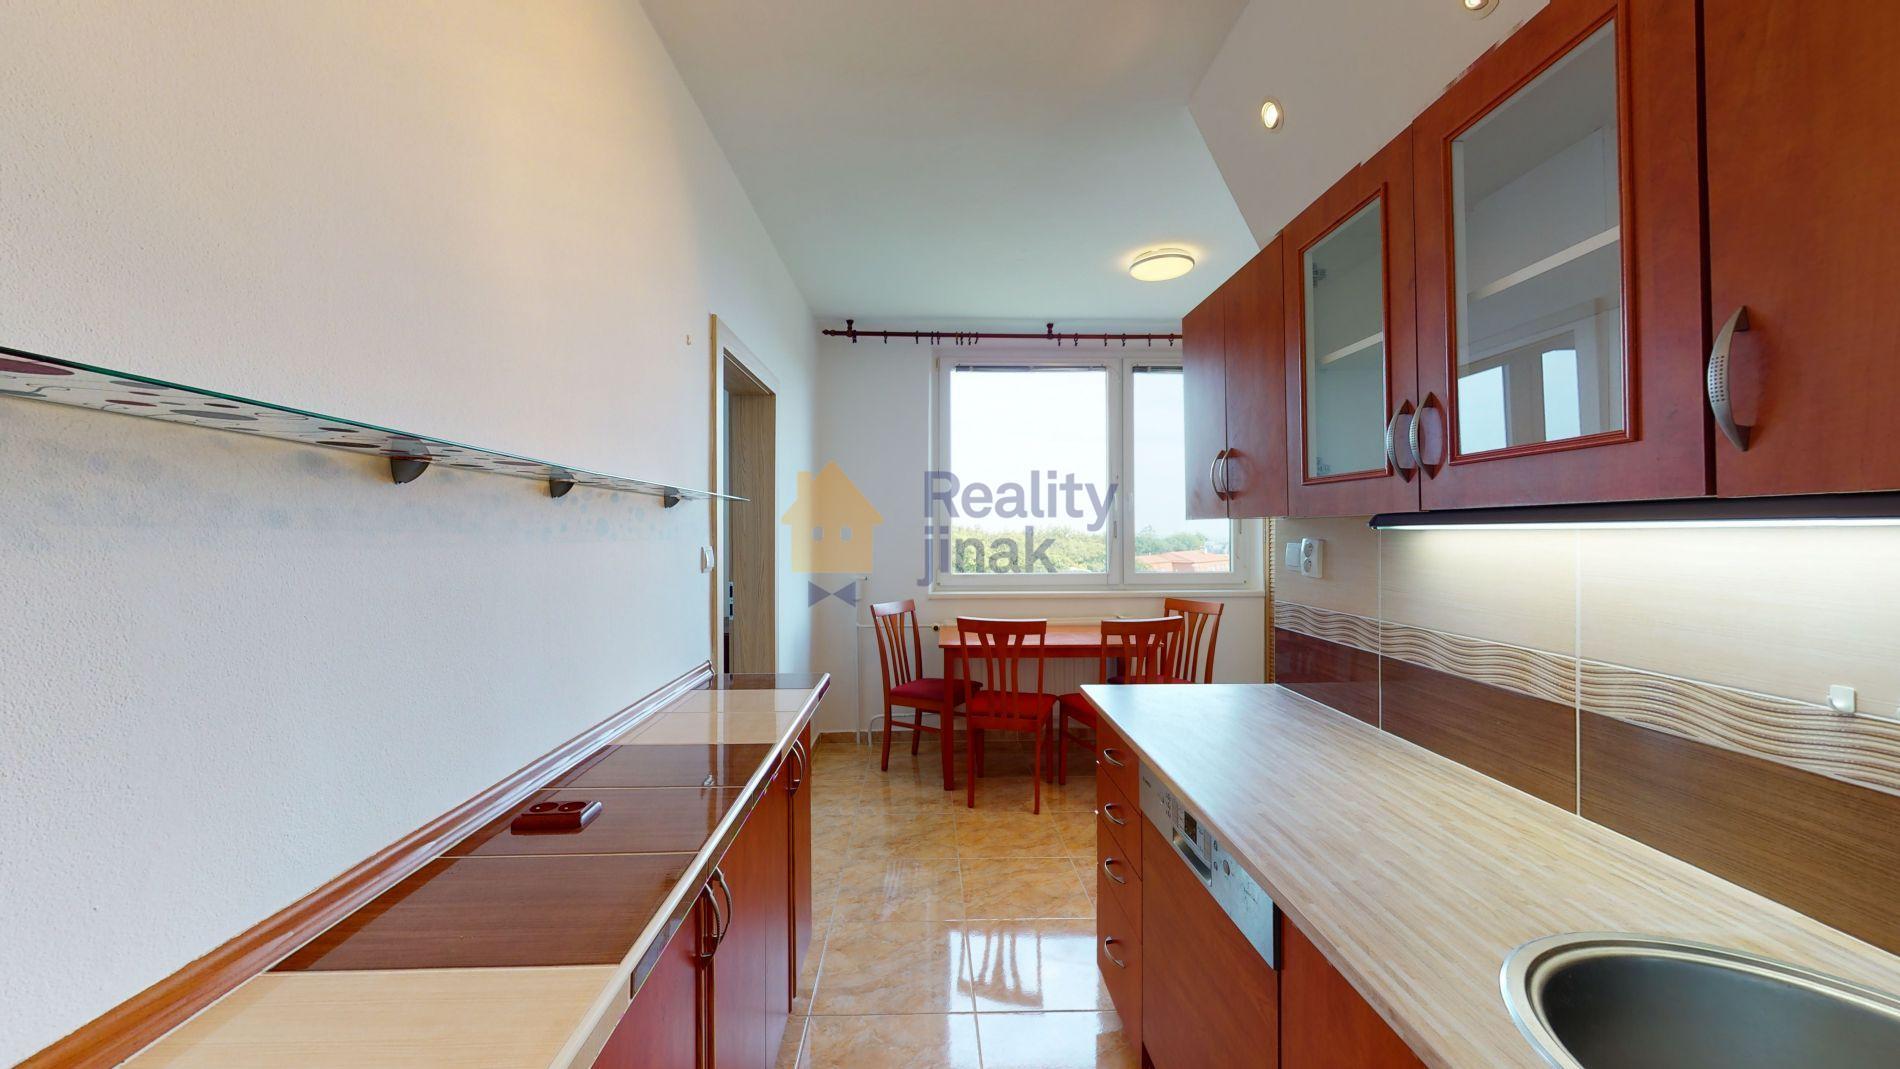 Prodej panelového bytu 3+1, 73,6 m2, balkon, sklep, ul. Pavlovská, Brno - Kohoutovice